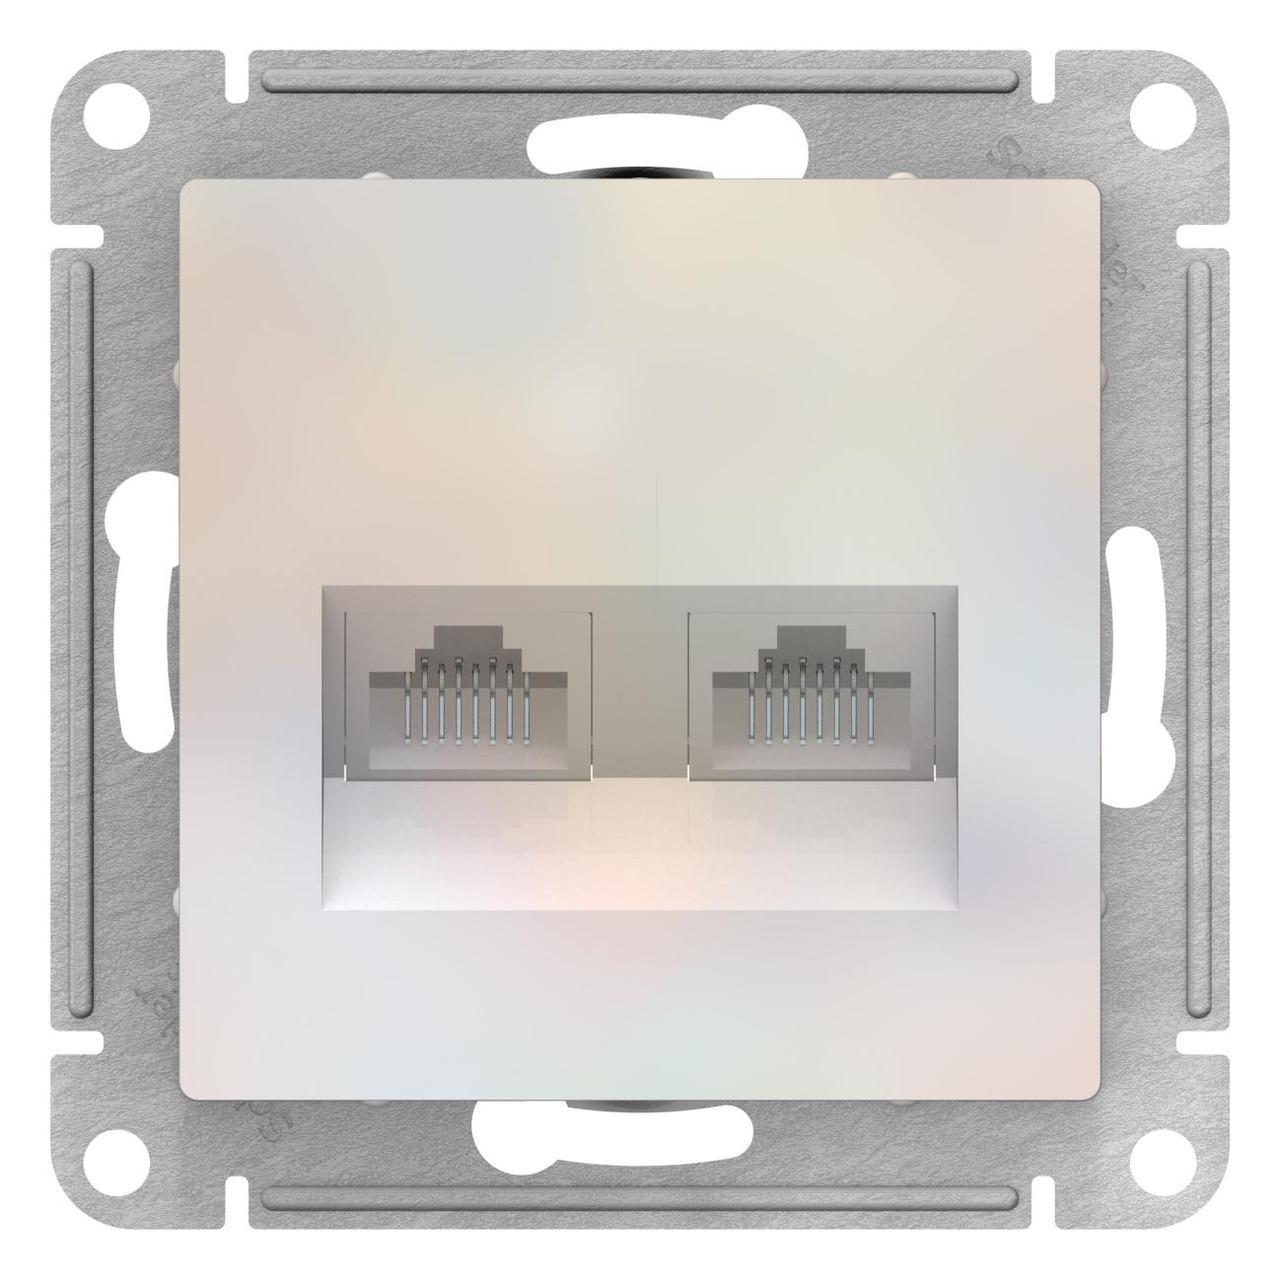 Розетка компьютерная 2-ая кат.5е, RJ-45 (интернет) , Жемчуг, серия Atlas Design, Schneider Electric